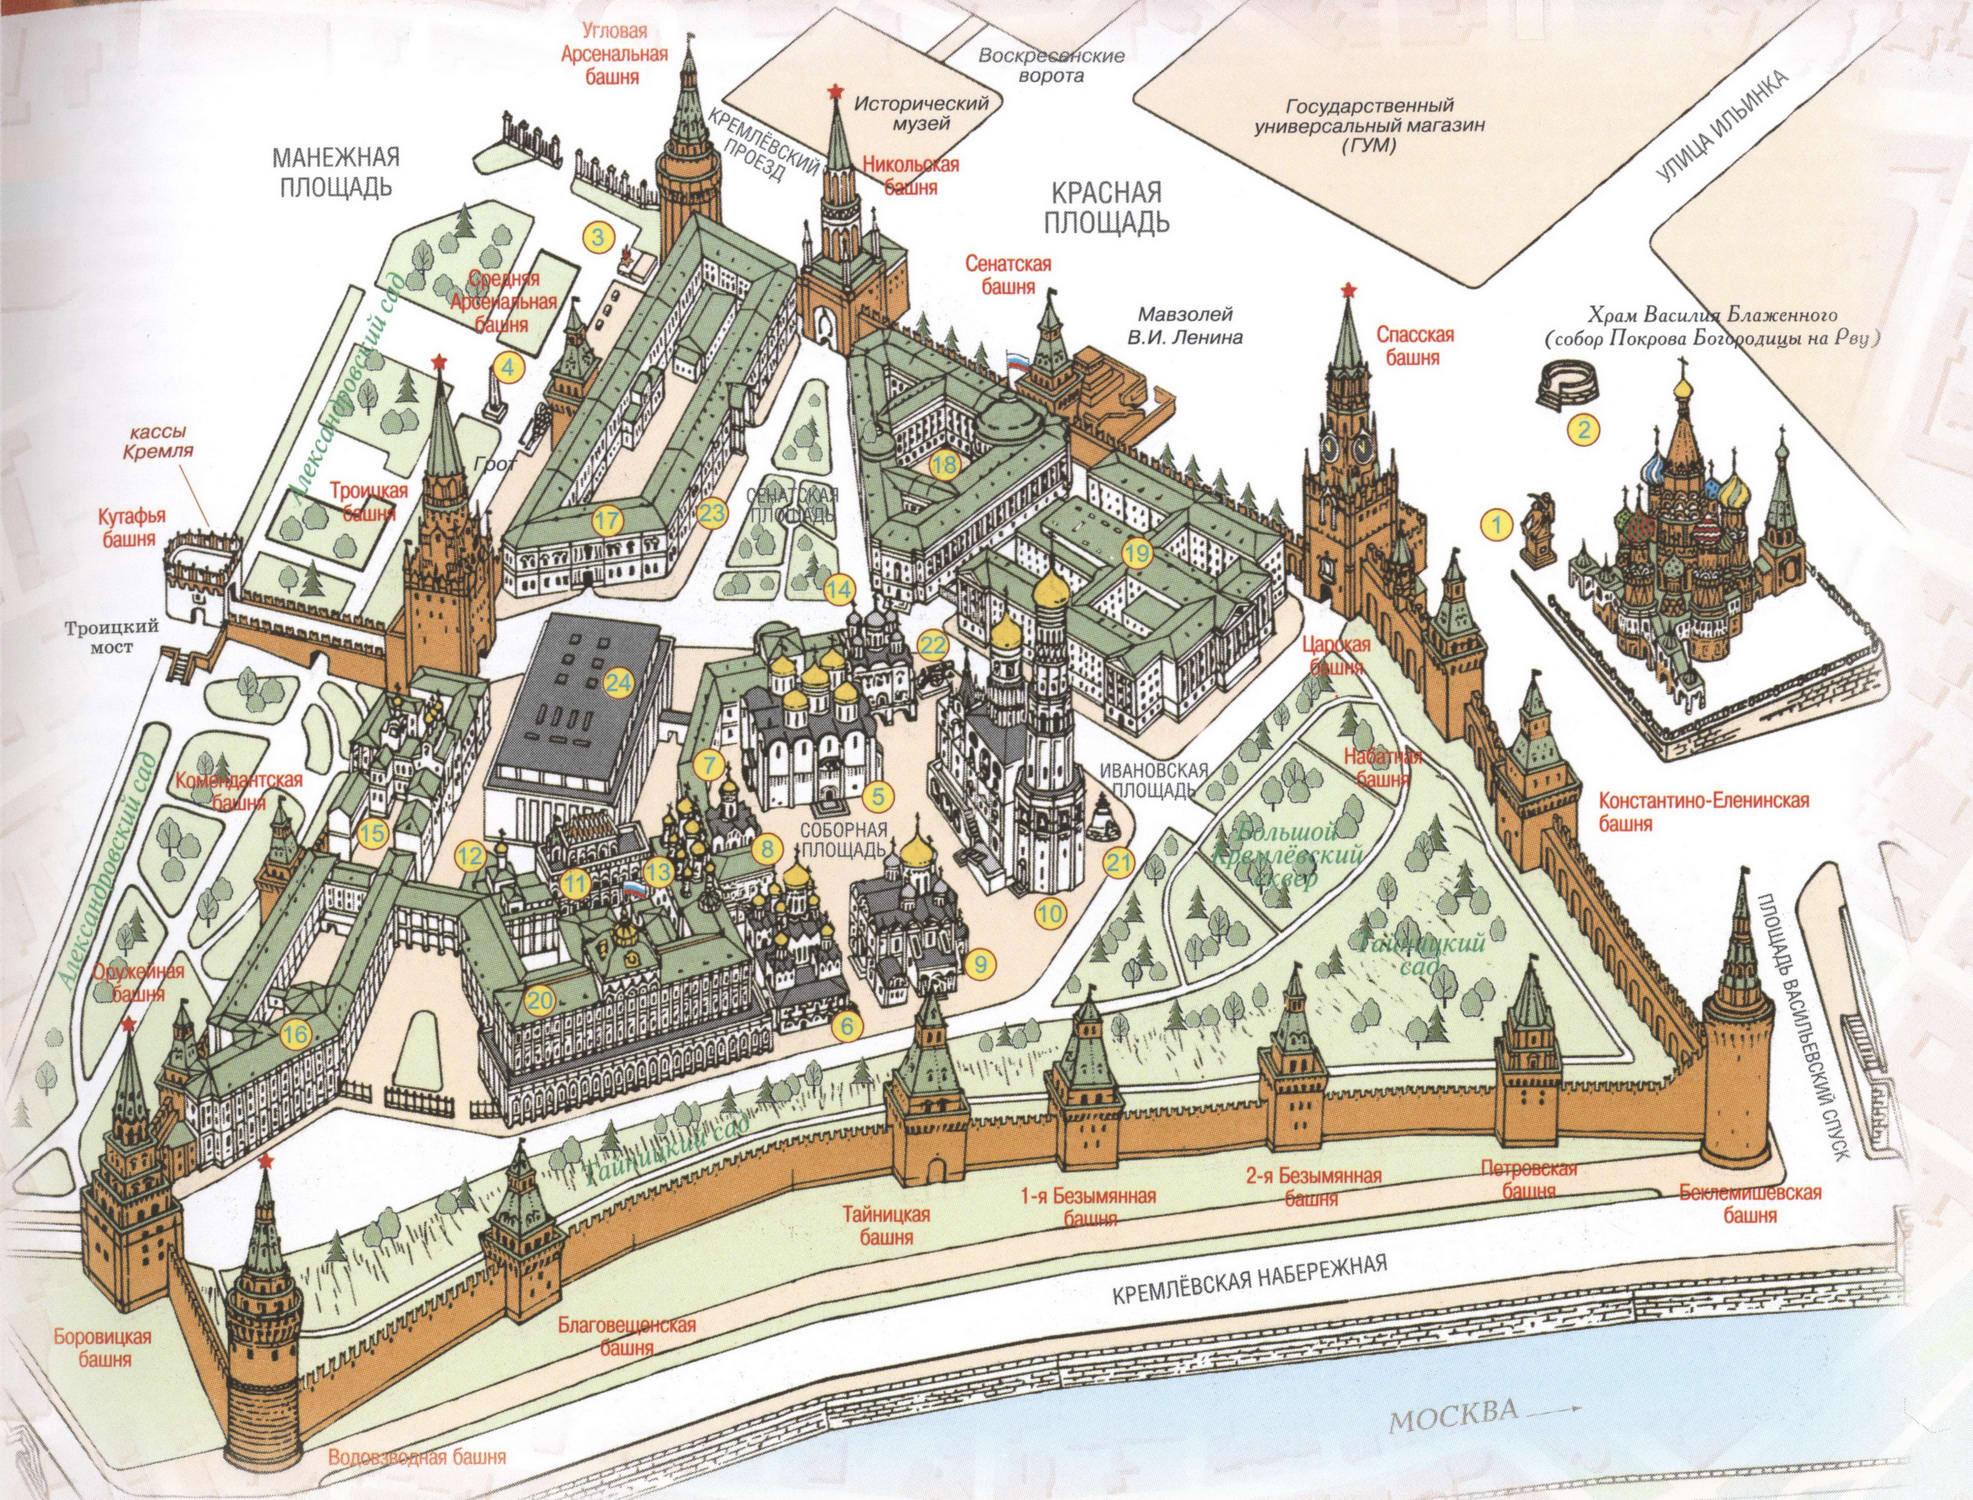 Схема кремля и красной площади с названиями фото 103